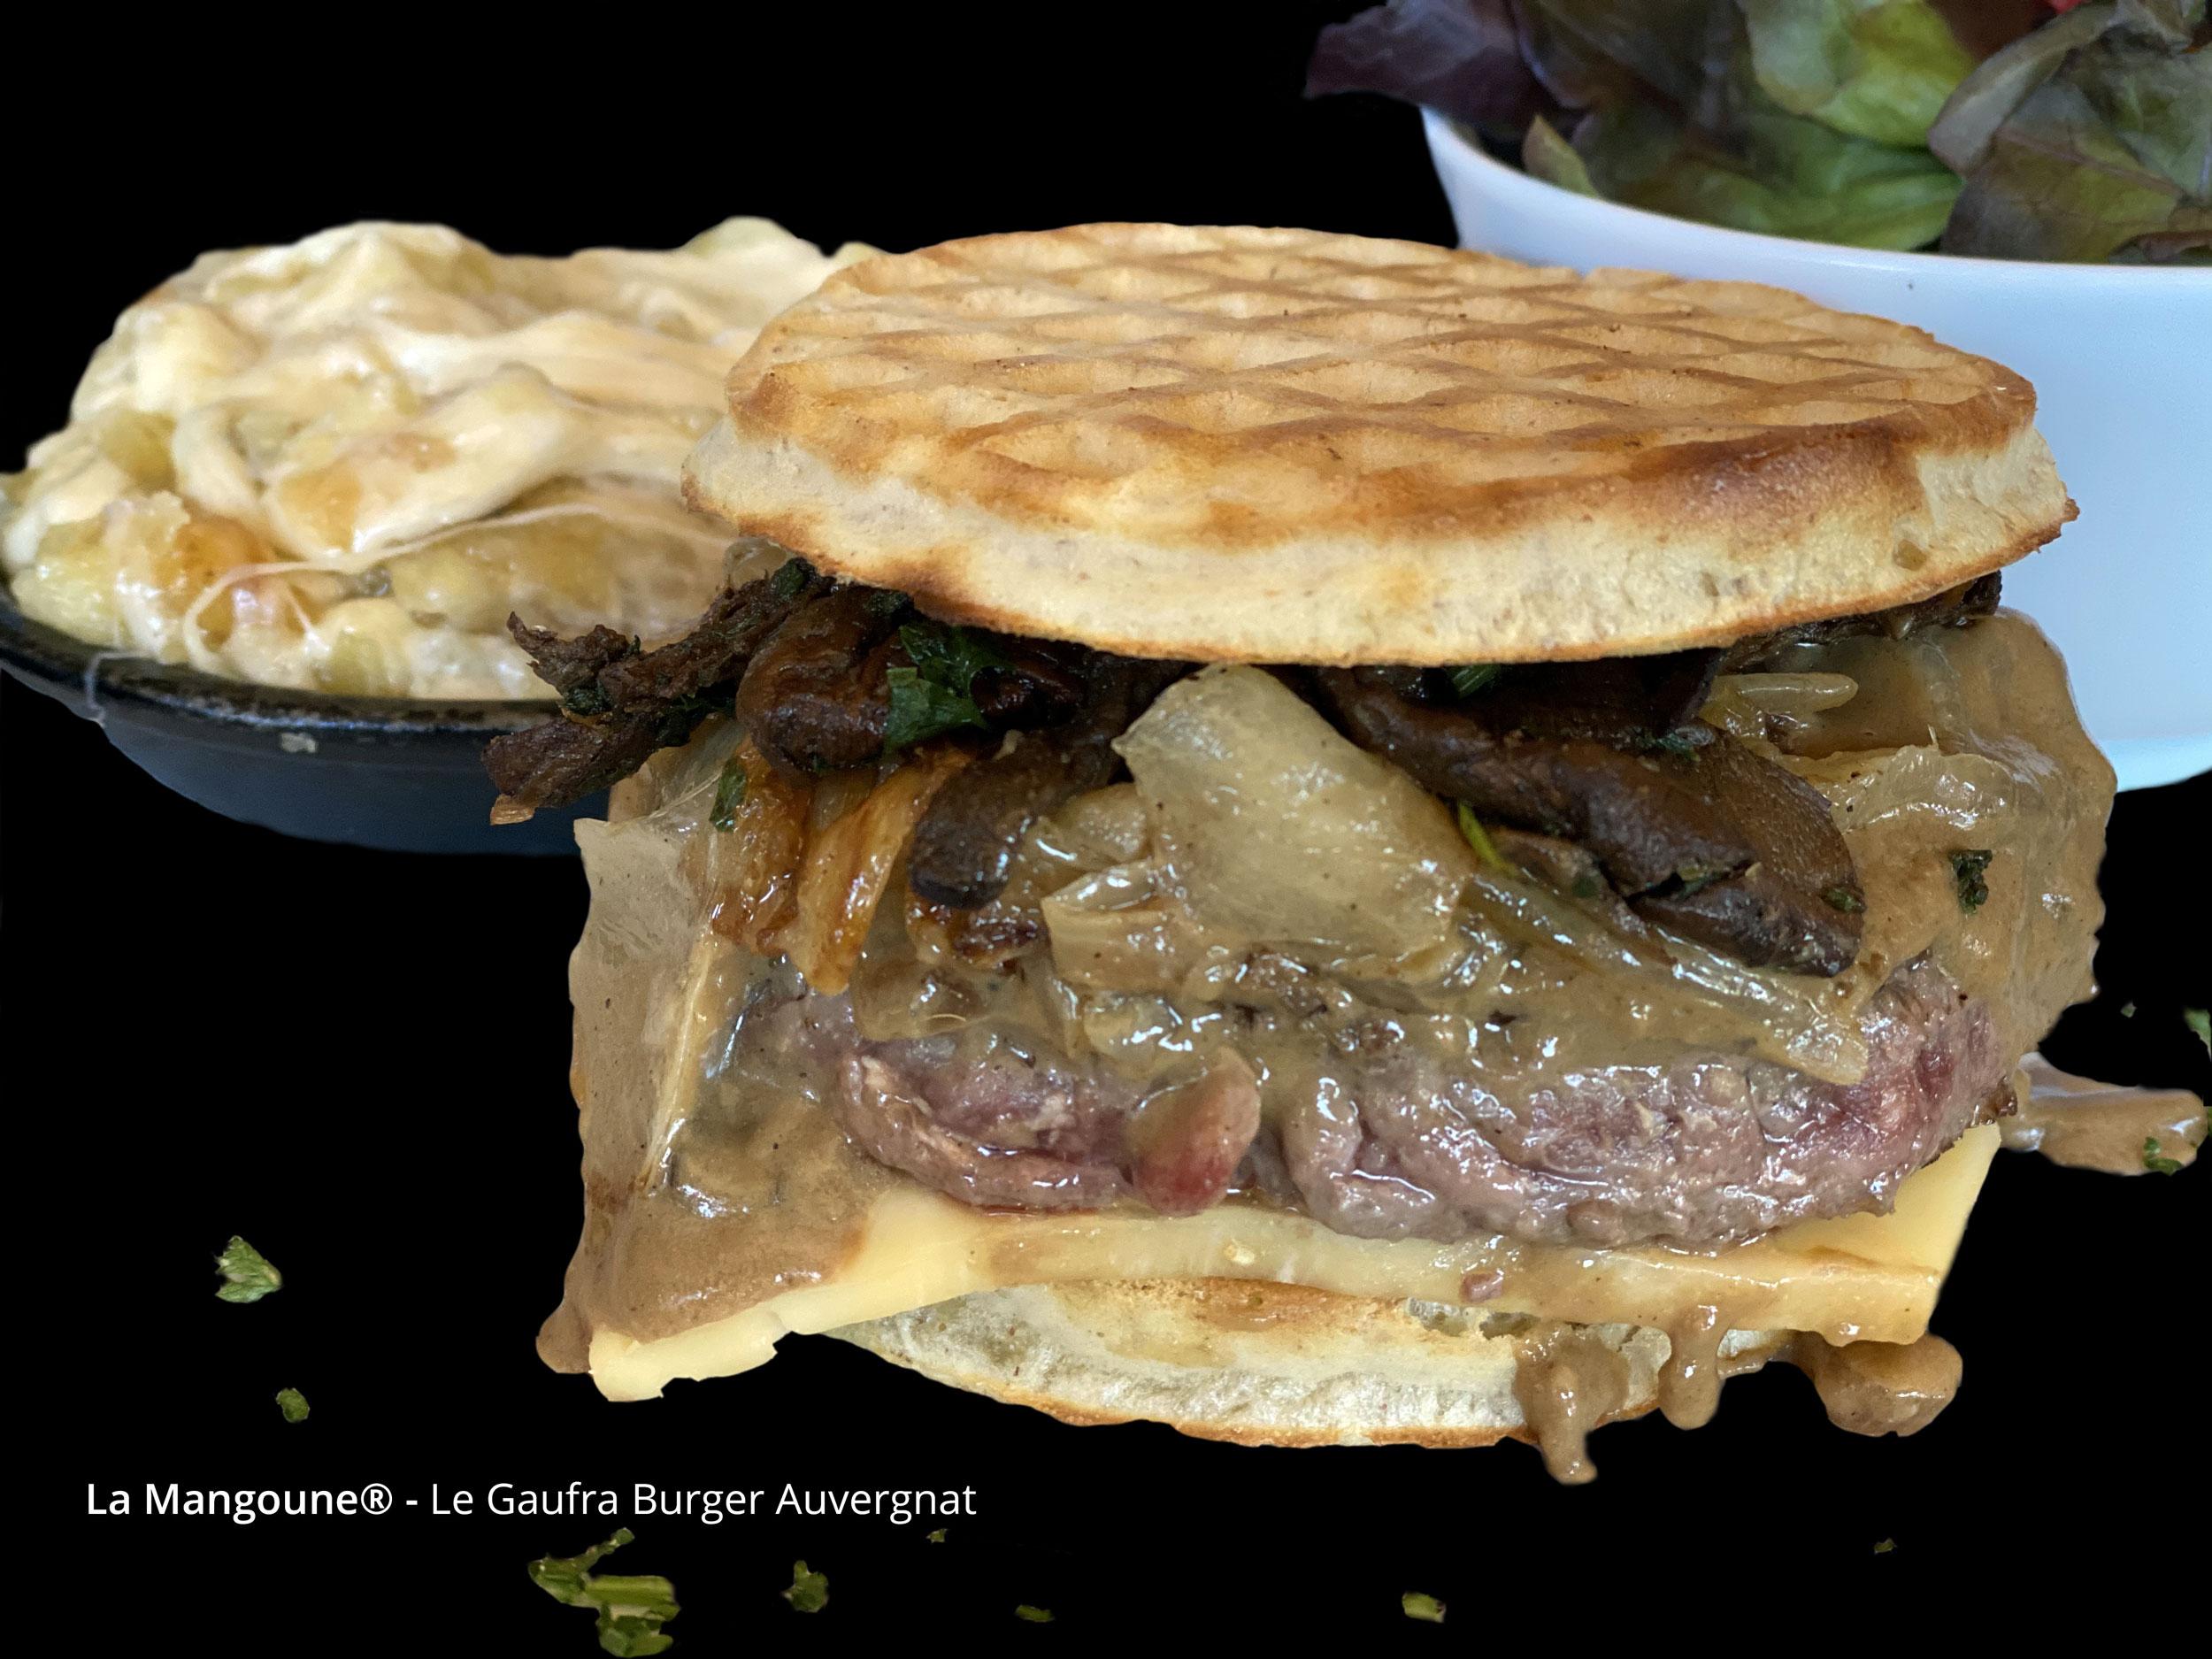 Le Gaufra Burger Auvergnat